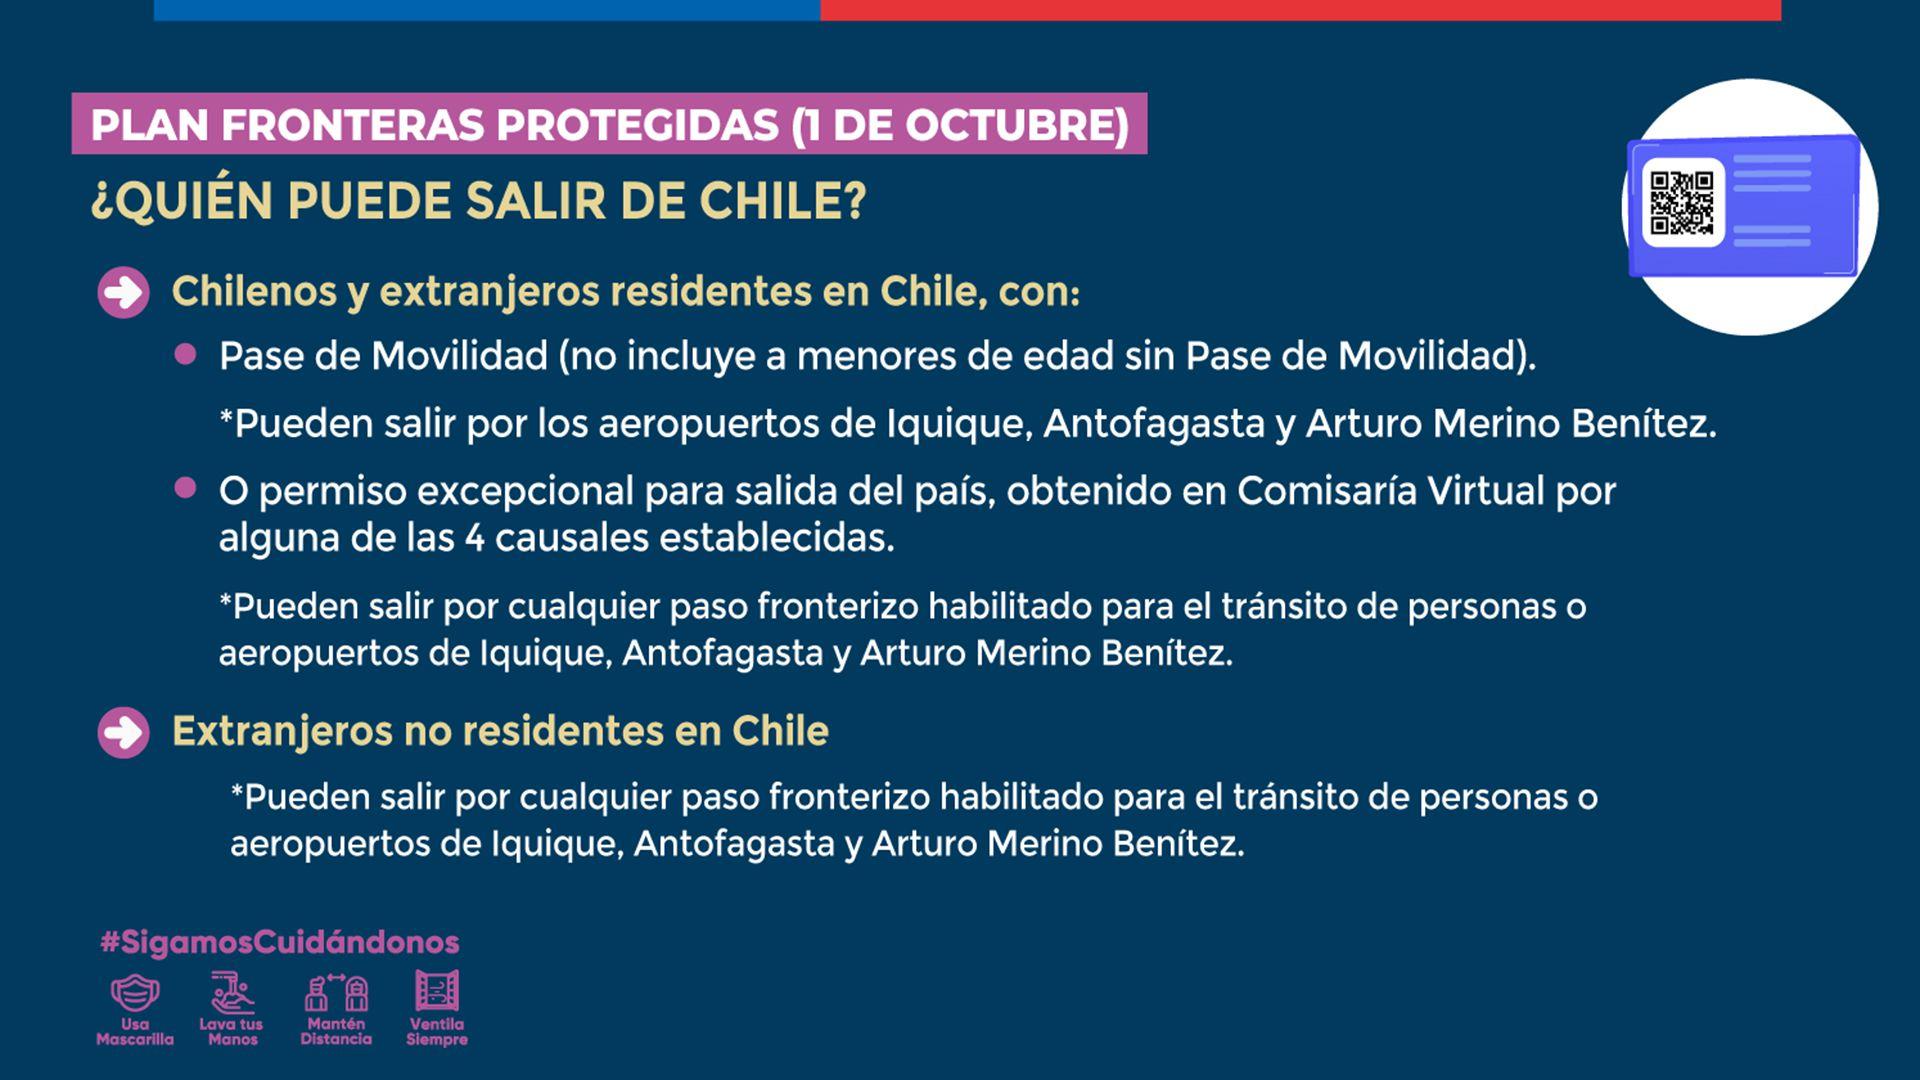 Chile abre las fronteras